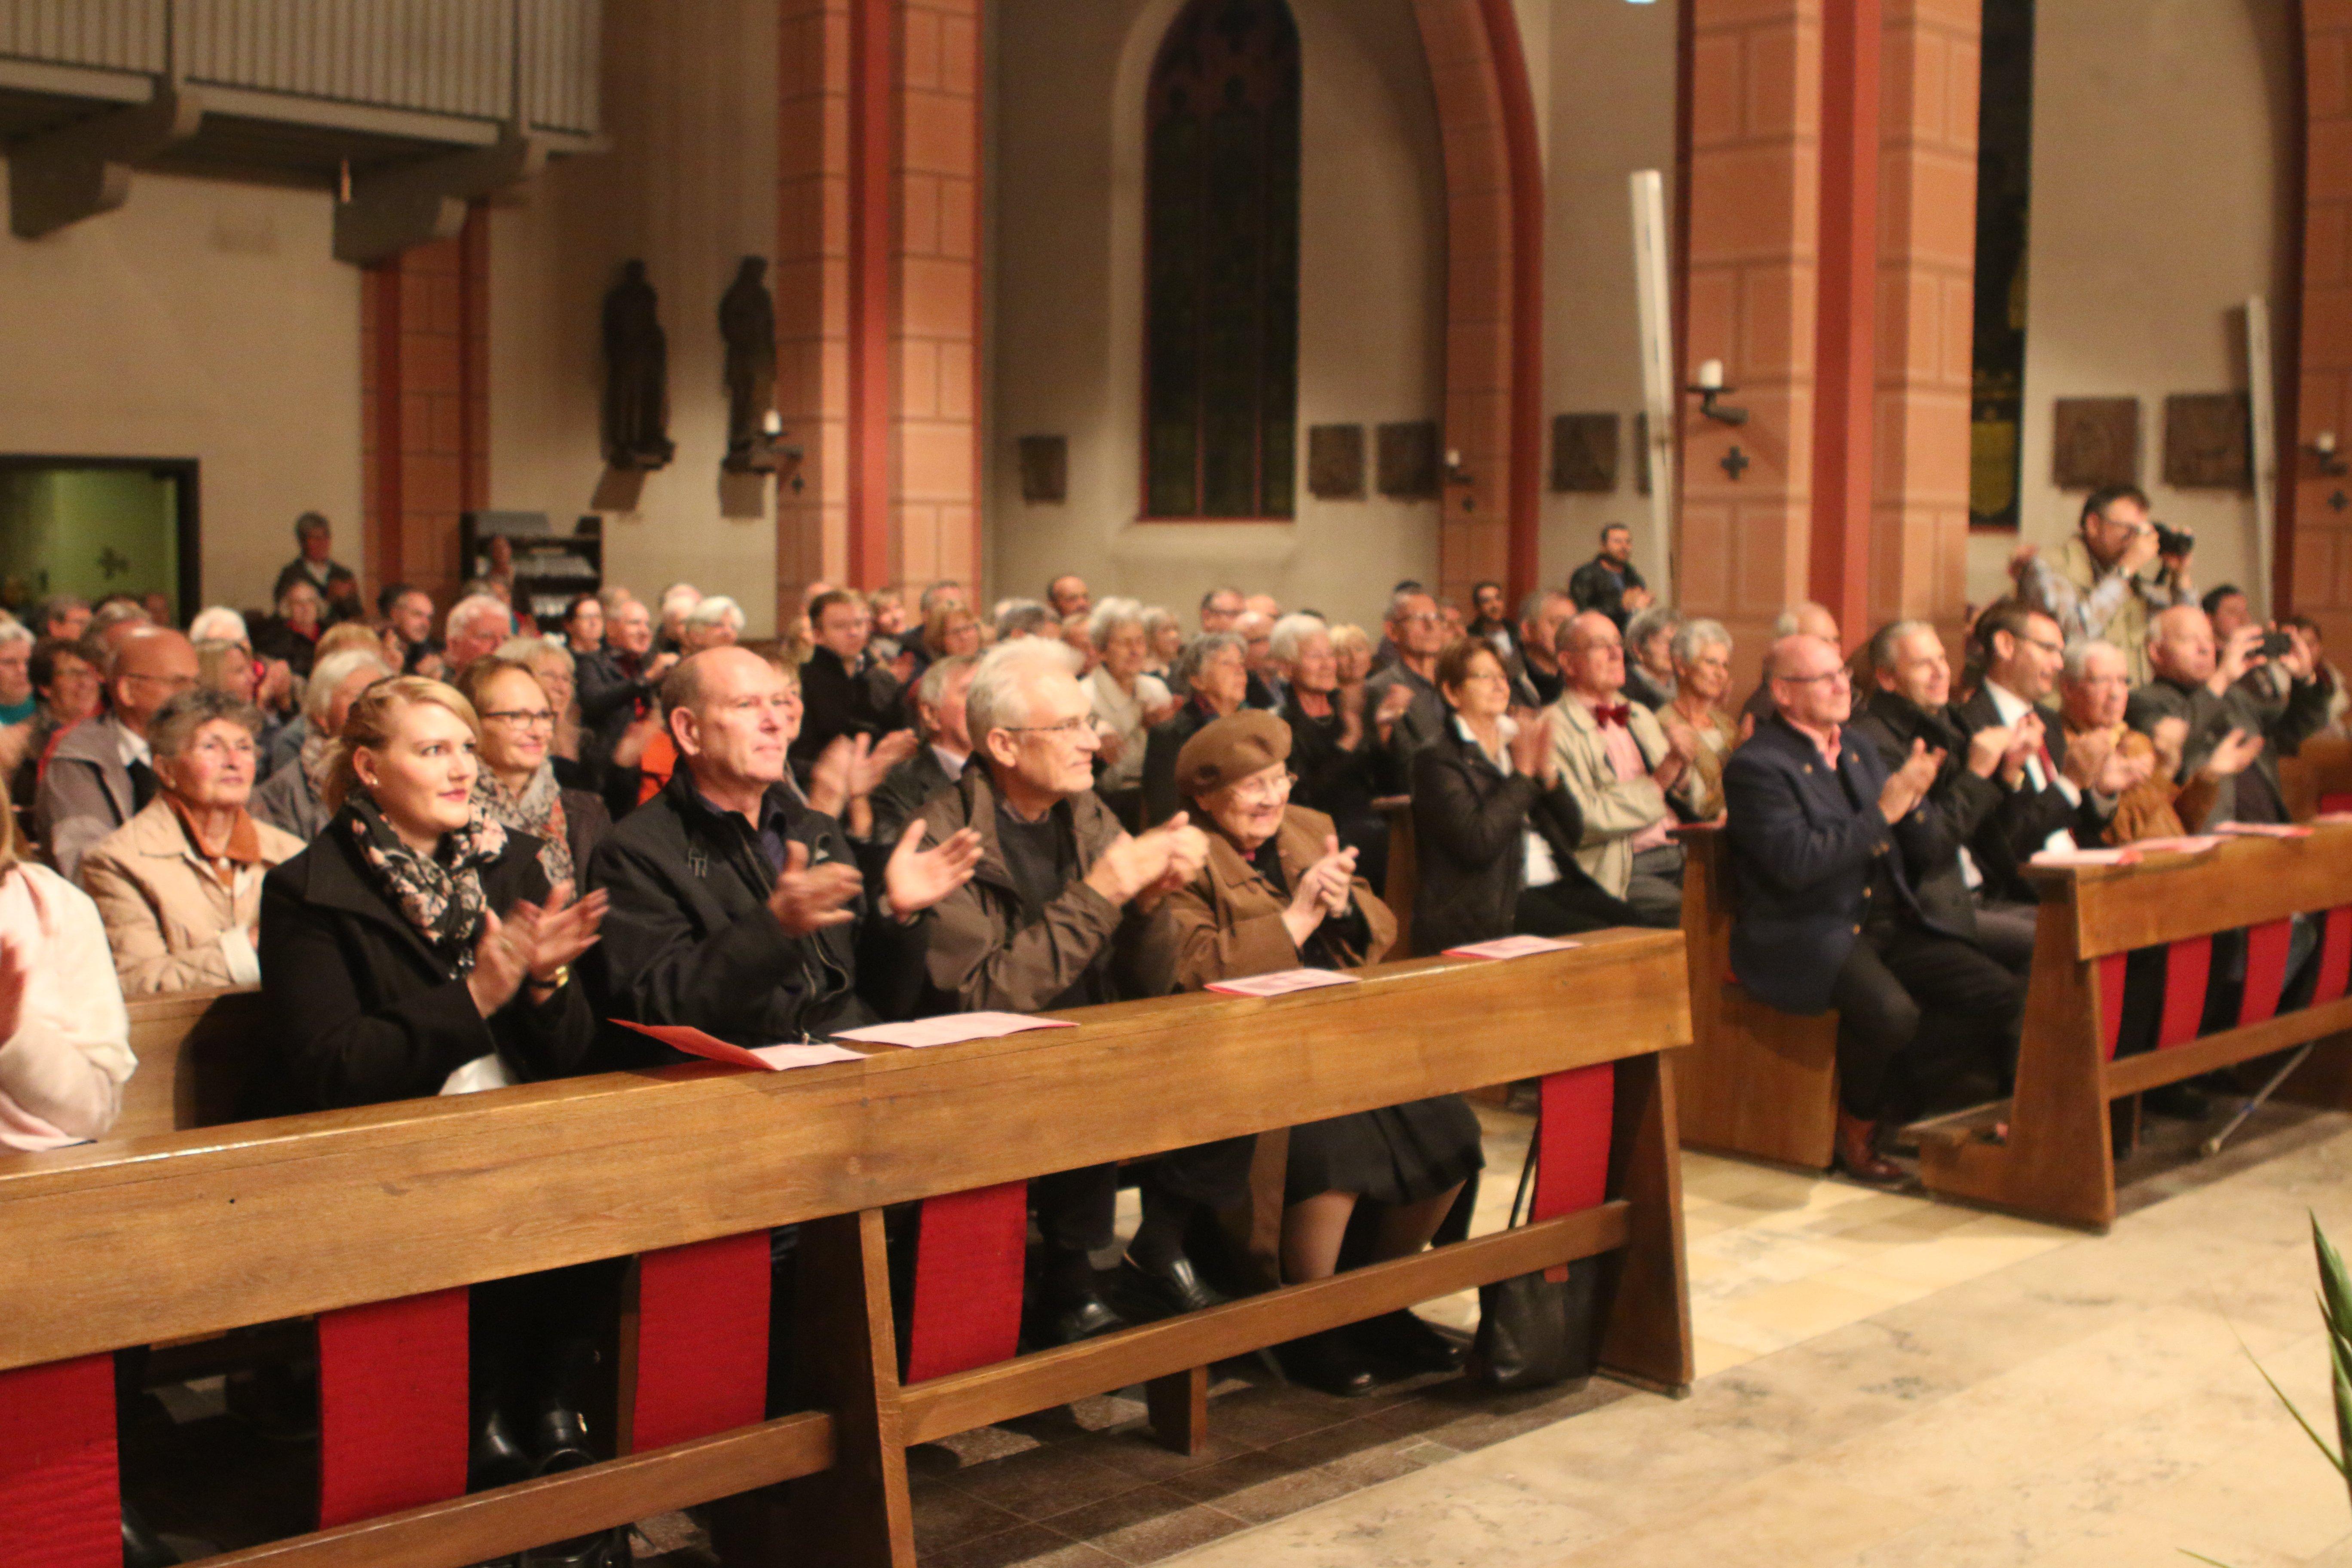 Blick von vorne auf applaudierende Besucher der katholischen Kirche während einer Veranstaltung im Innenraum